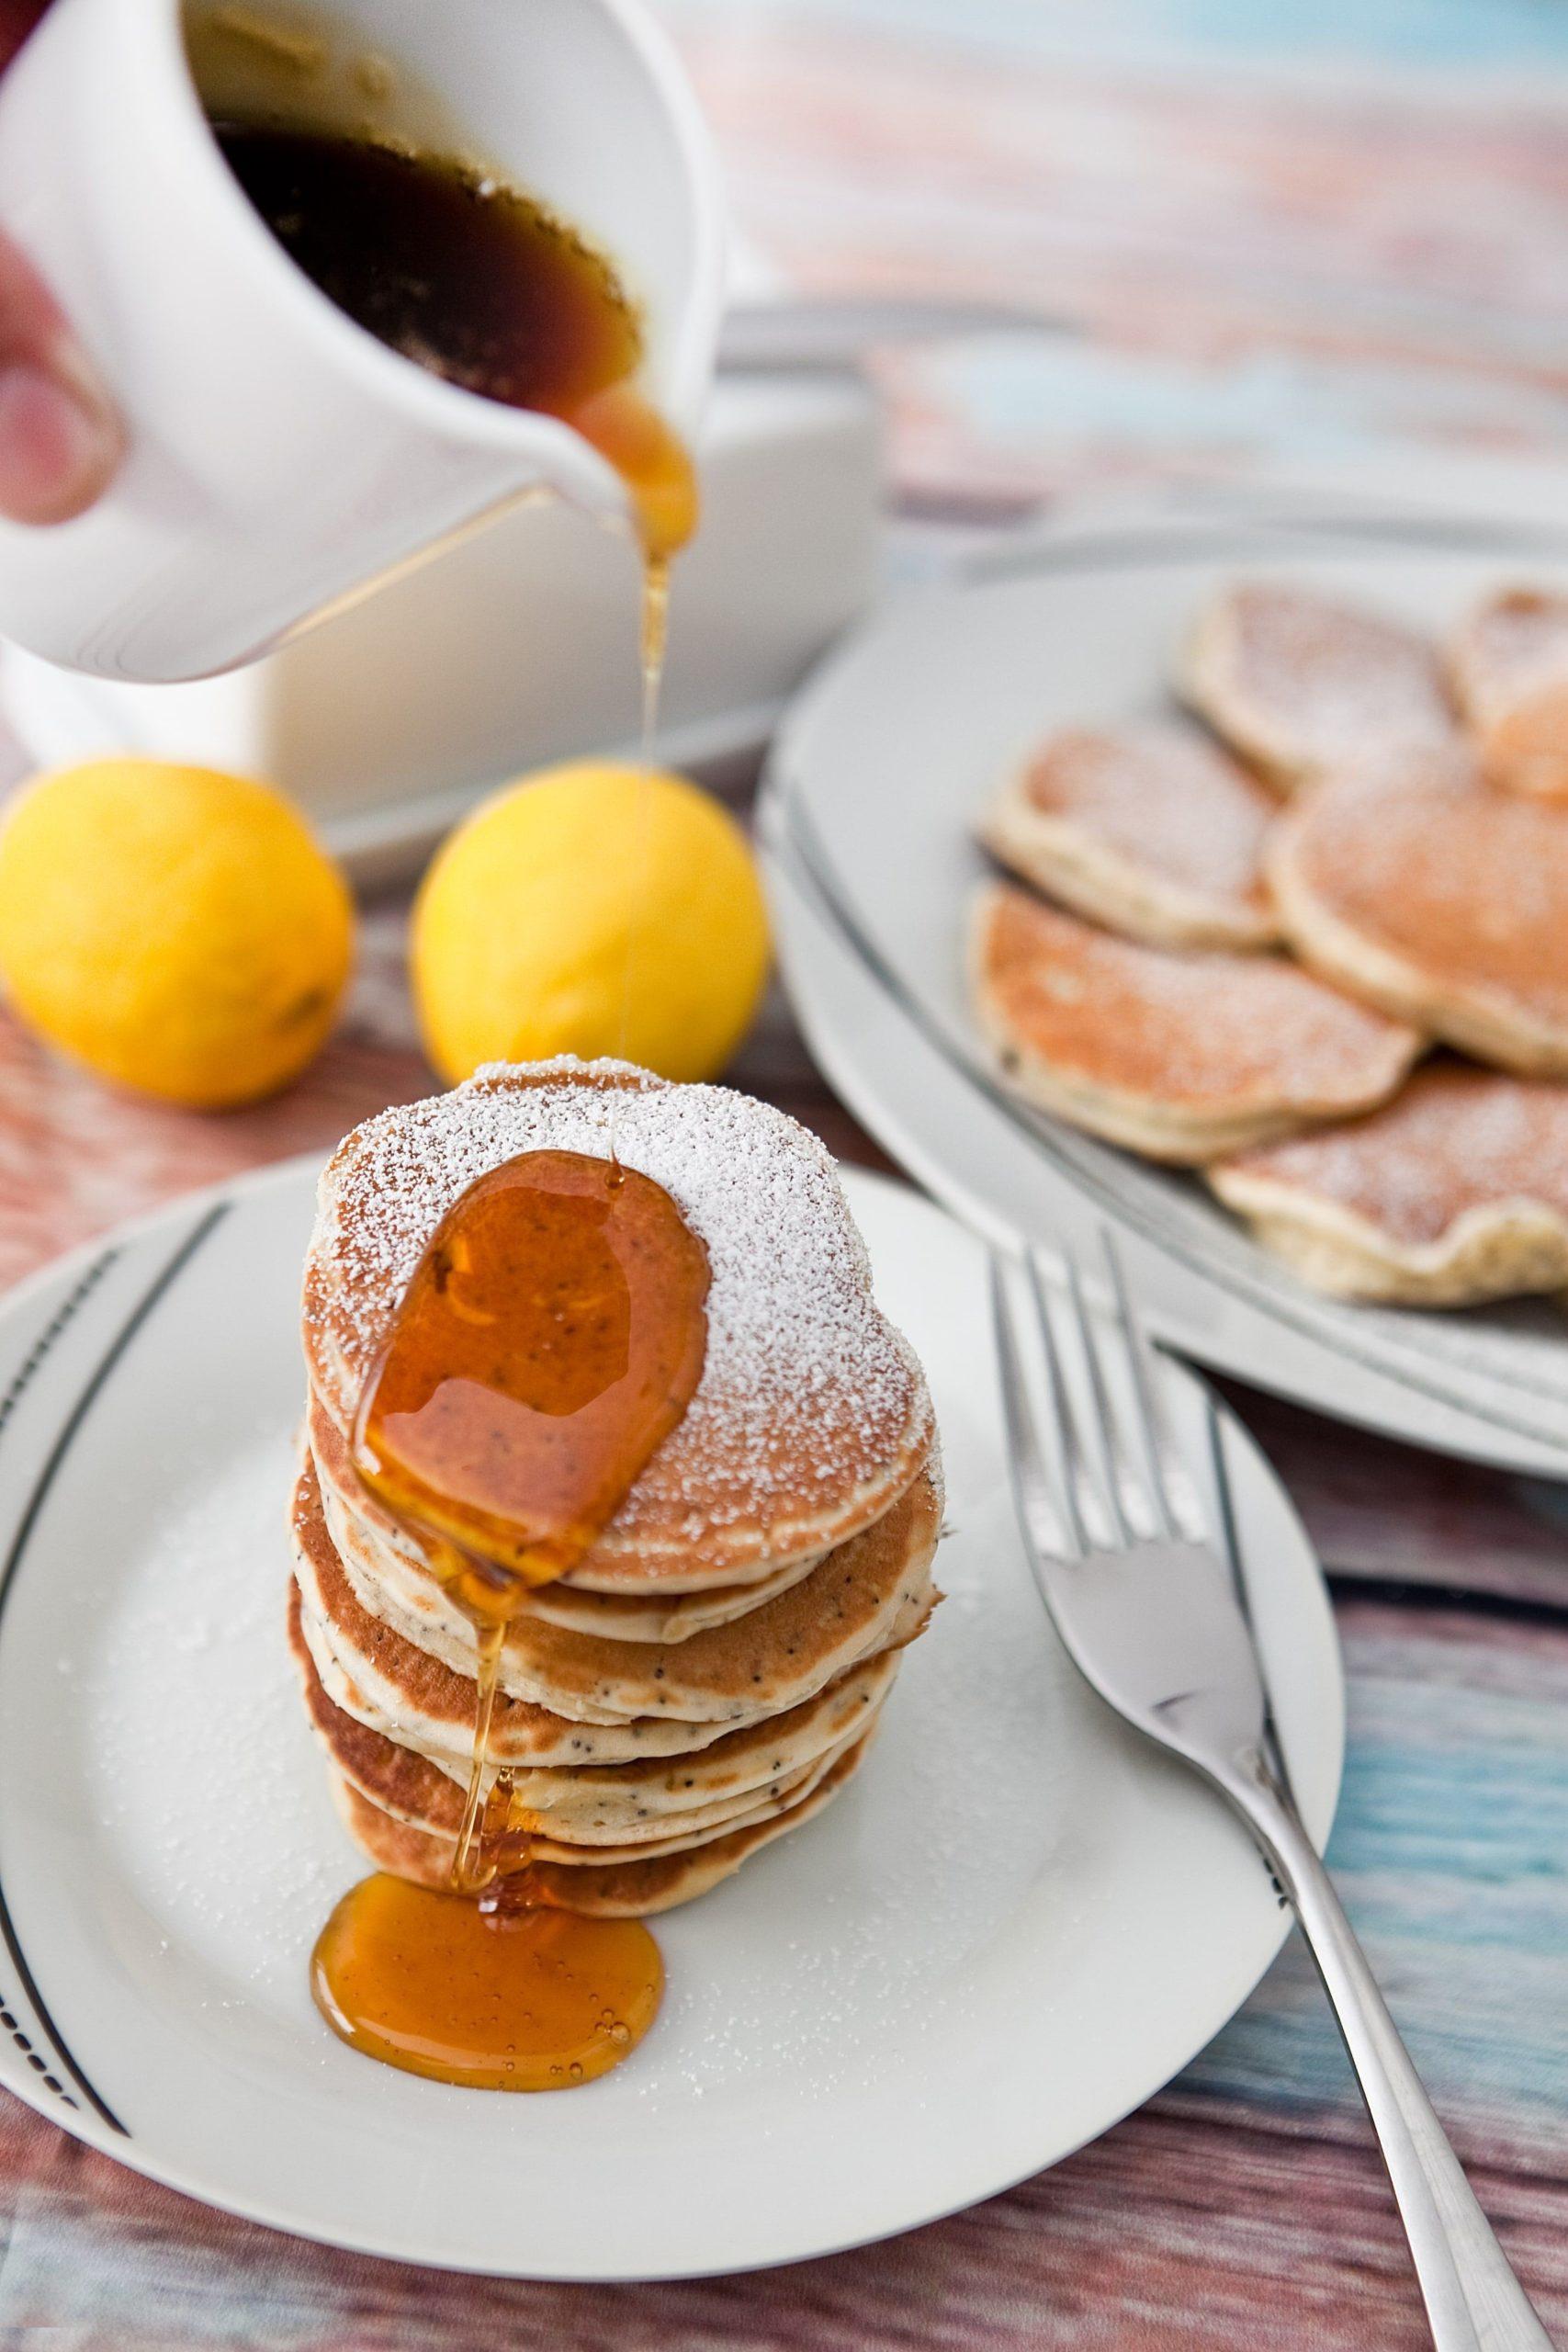 Recette Vorwerk: crêpes américaines au miel.